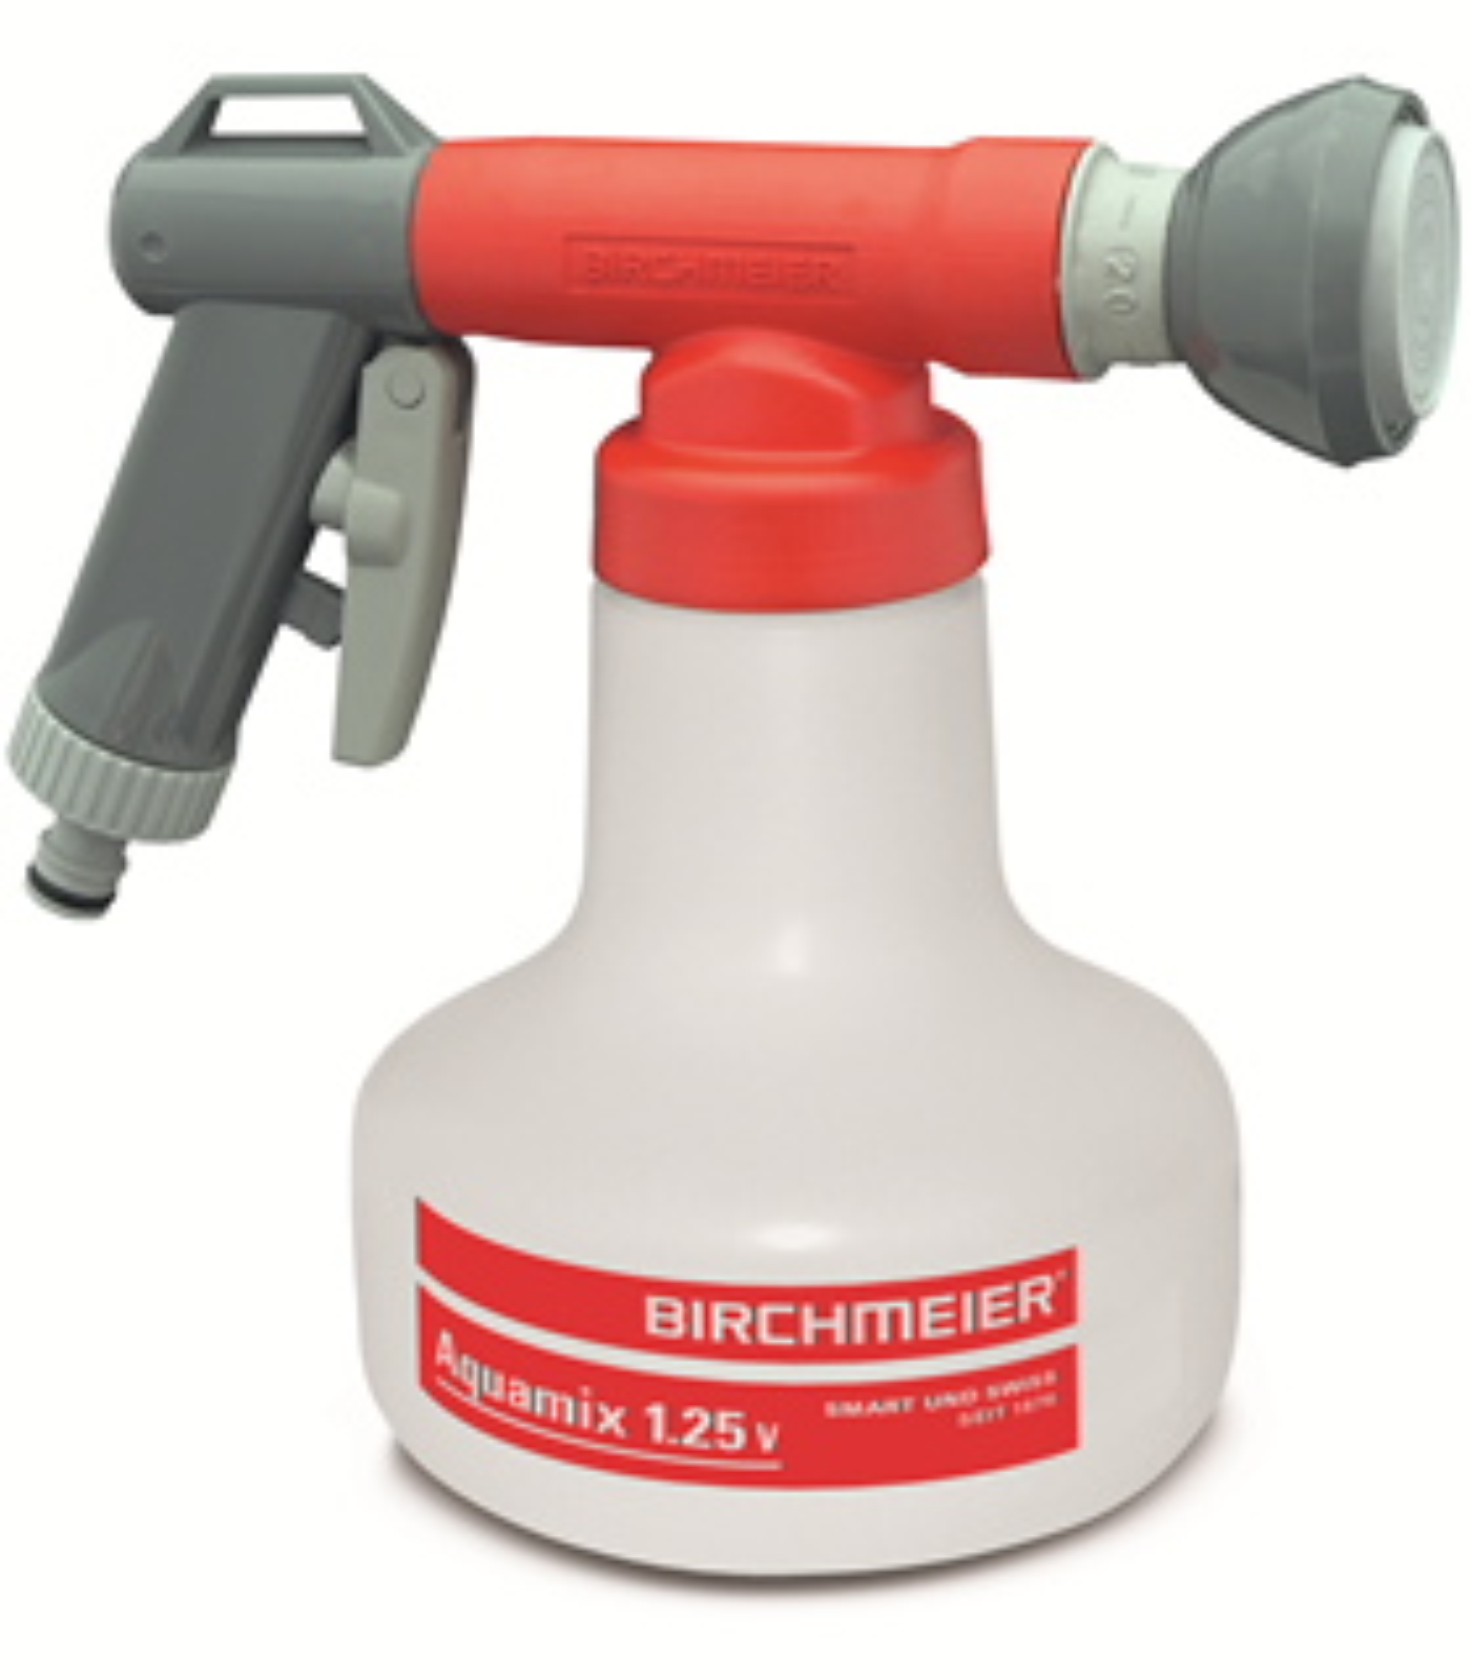 Birchmeier-Aquamix-125-1st